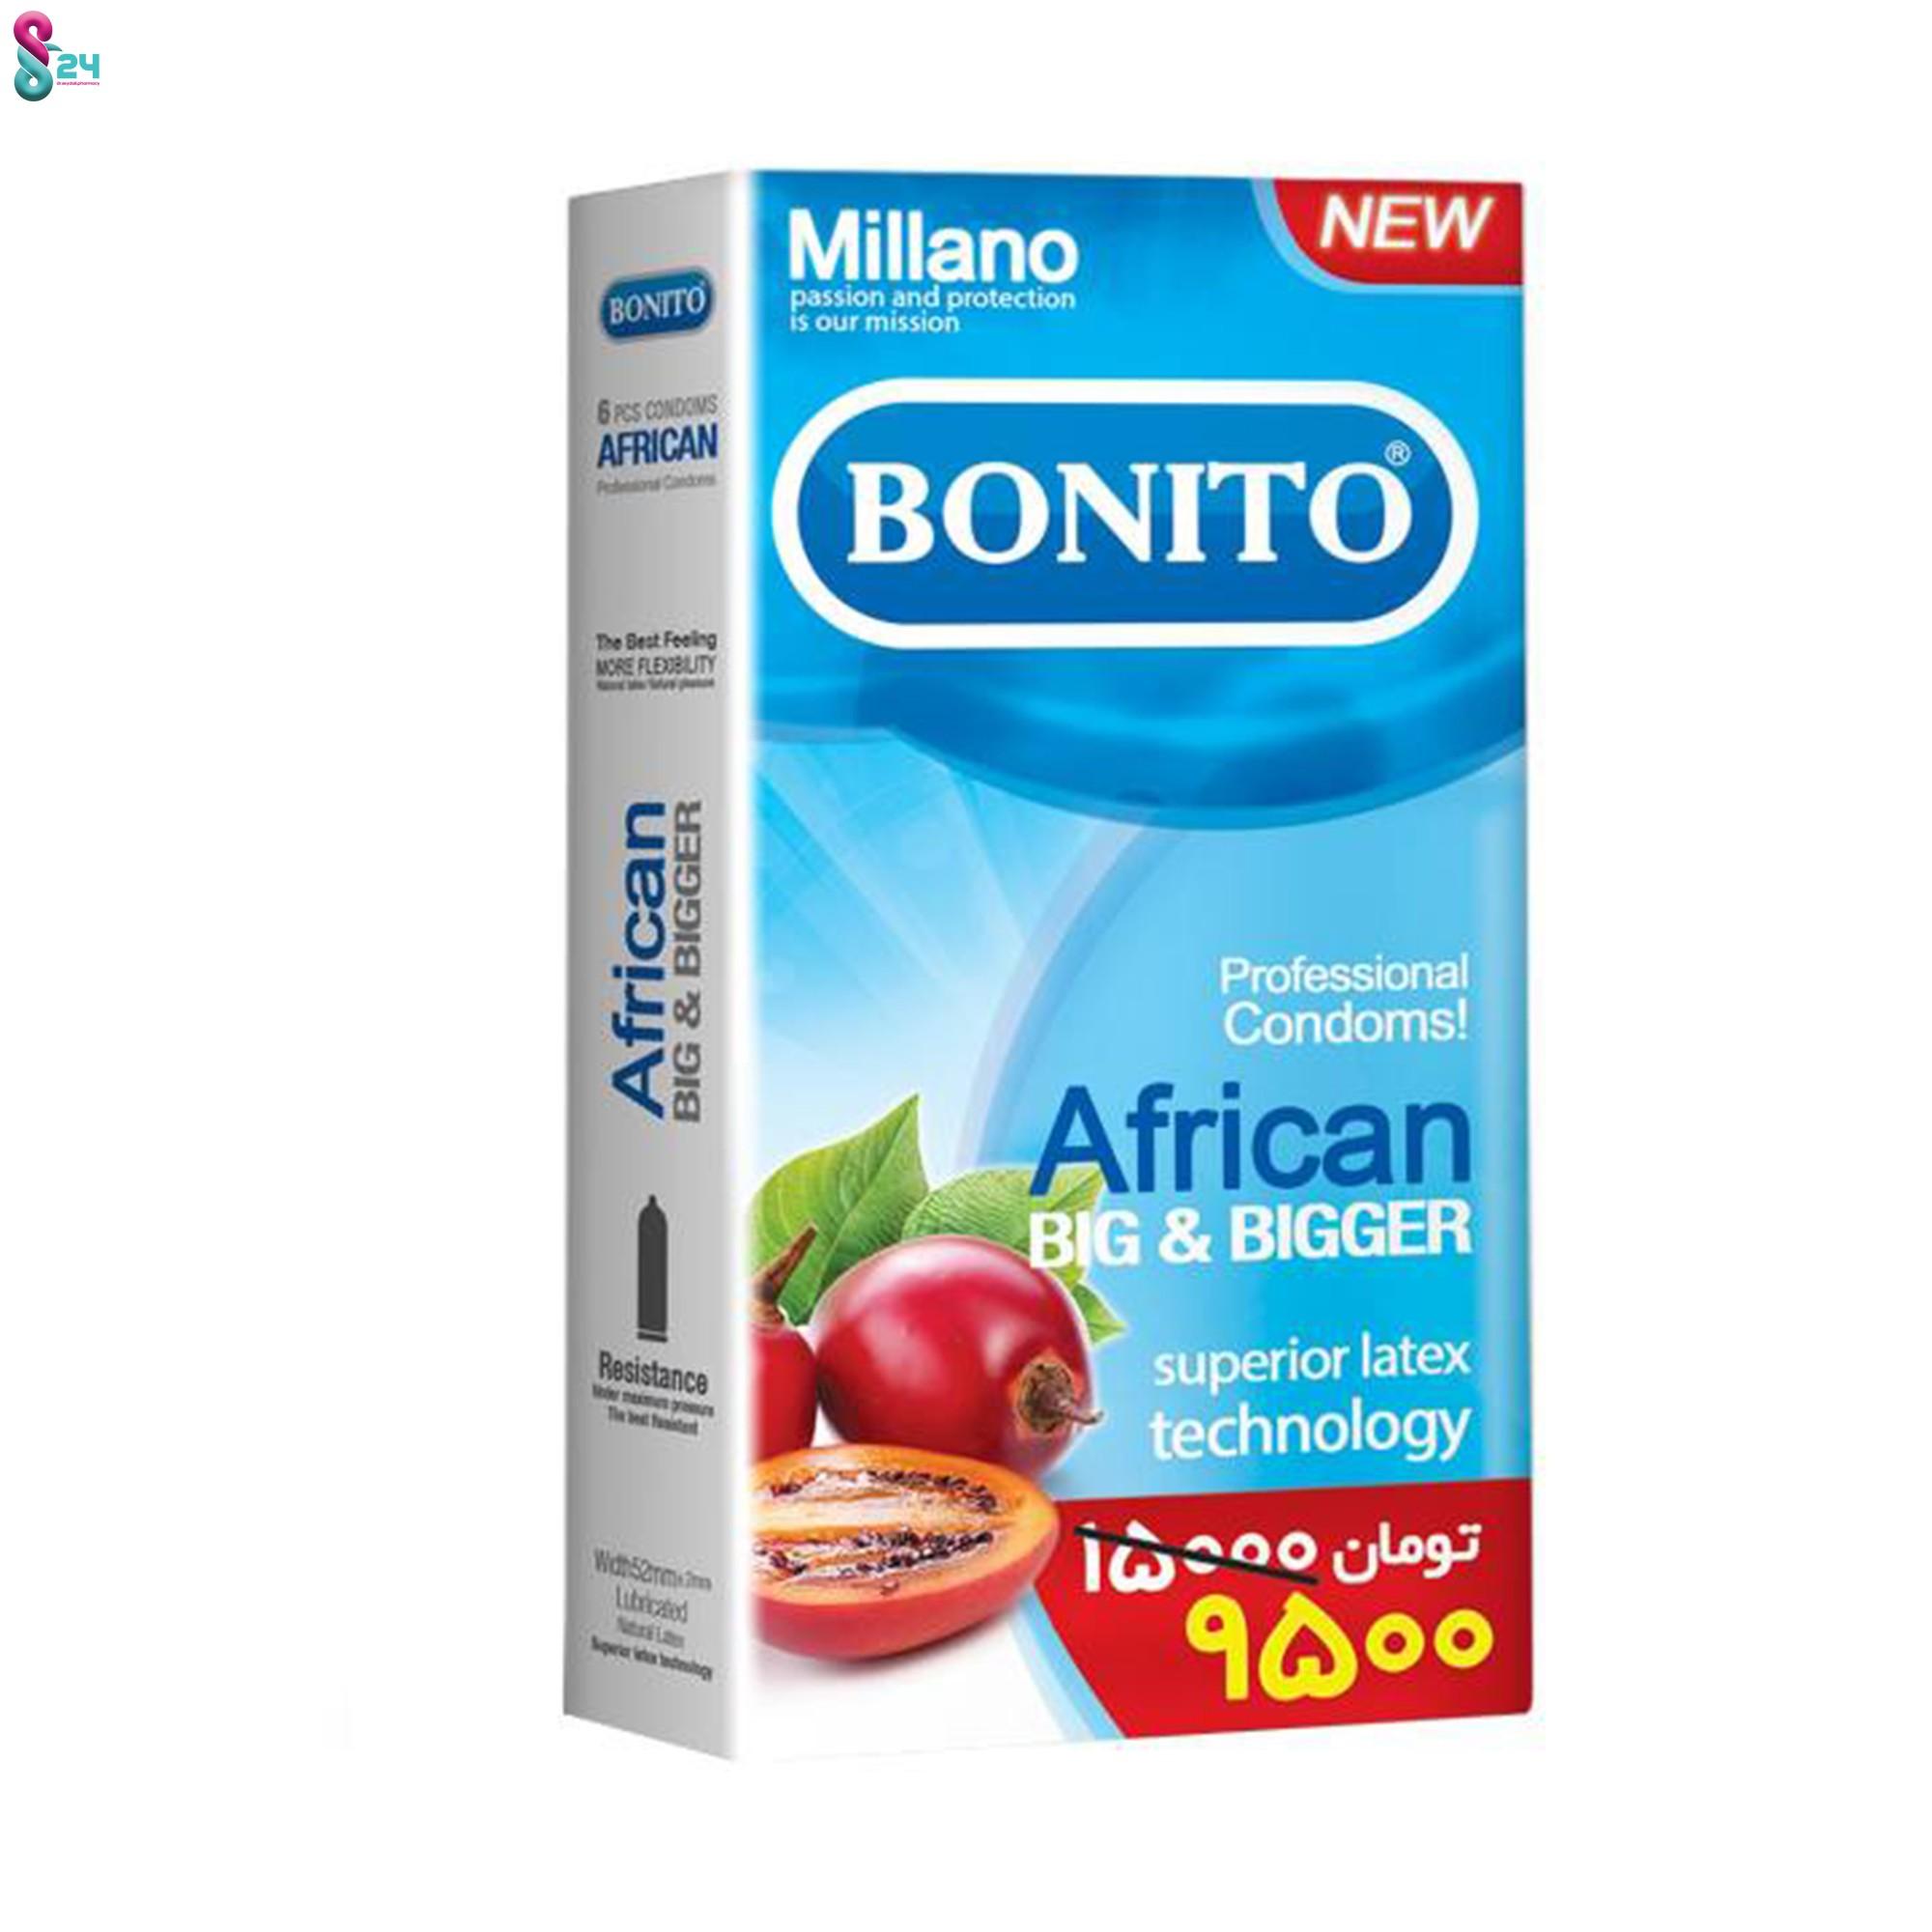 کاندوم بونیتو مدل African بسته 6 عدد